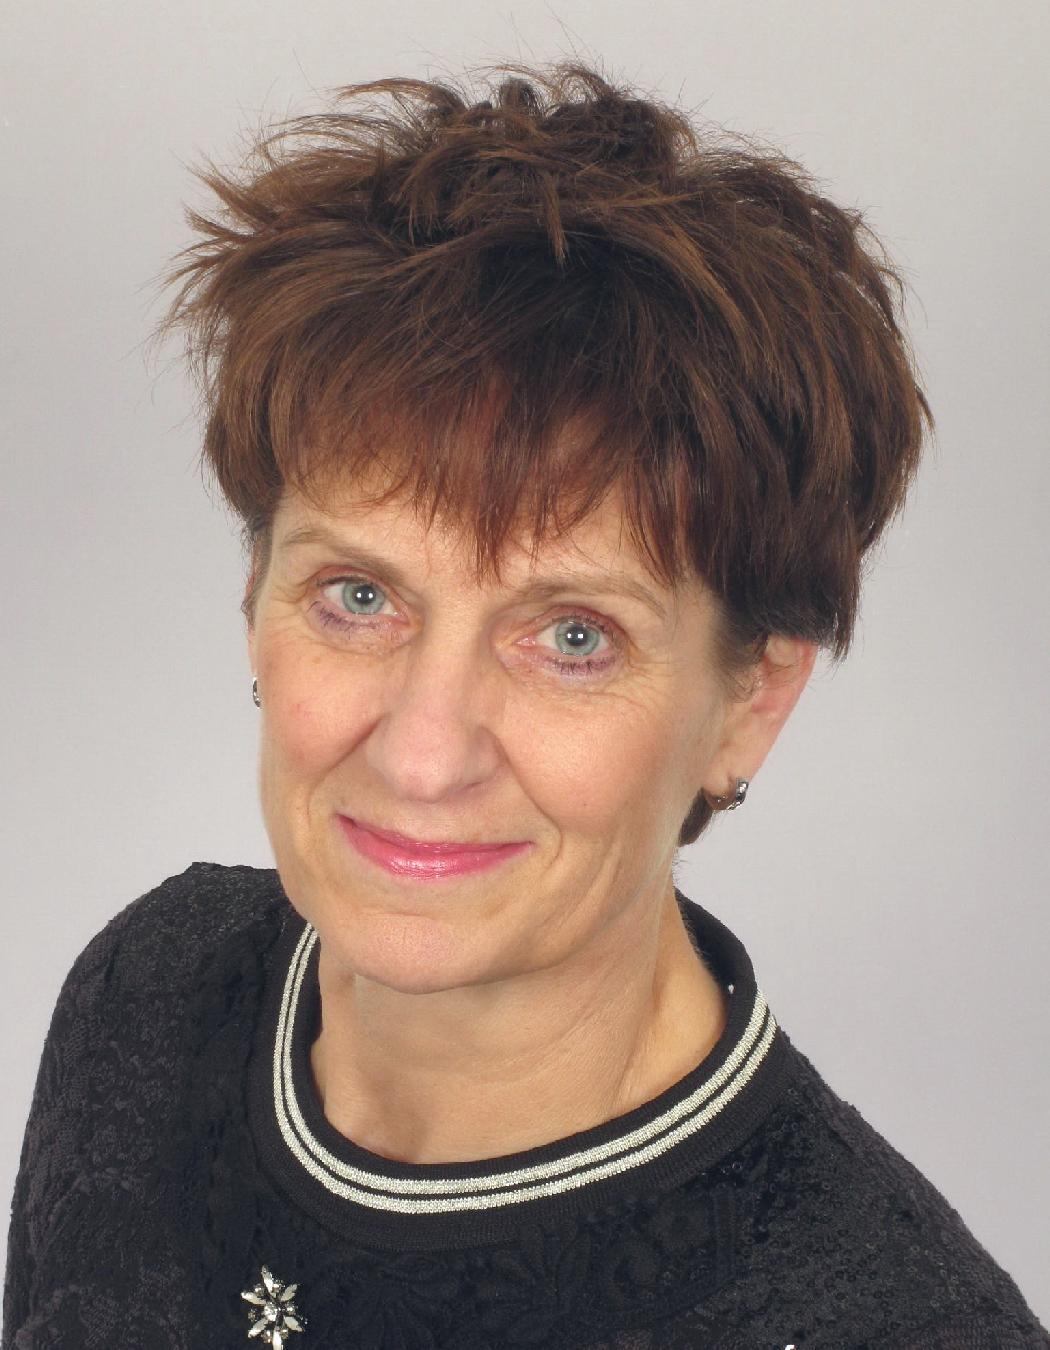 Mecheline van der Linden